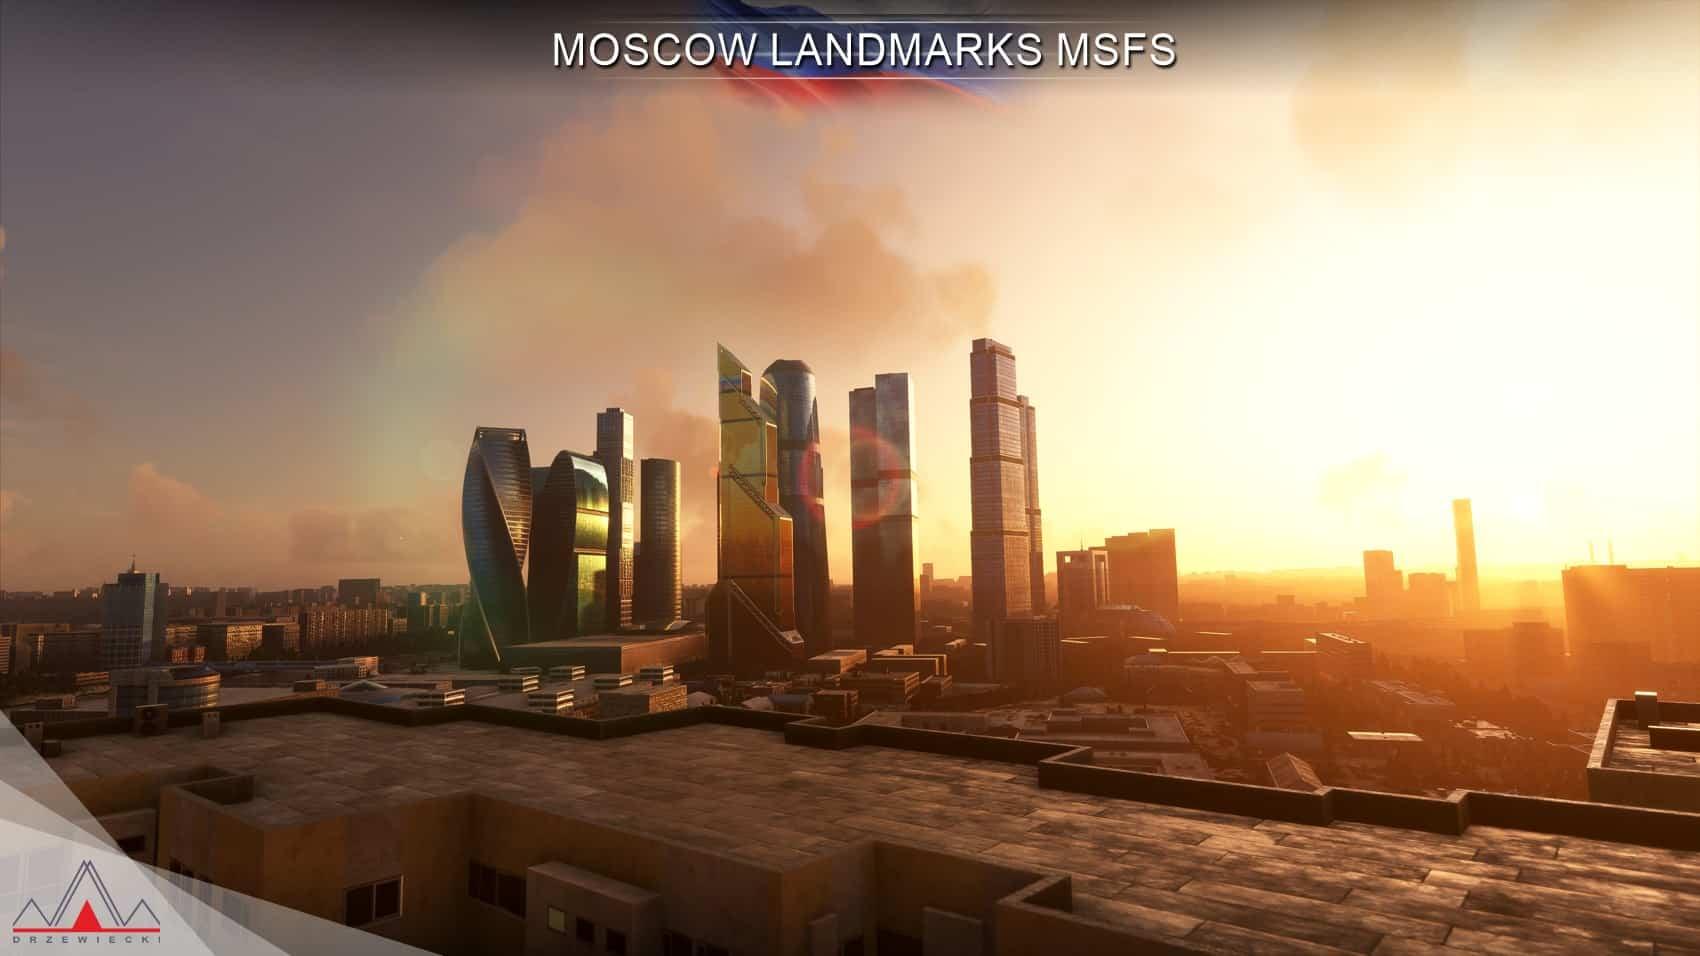 Drzewiecki Design – Moscow Landmarks MSFS v1.1